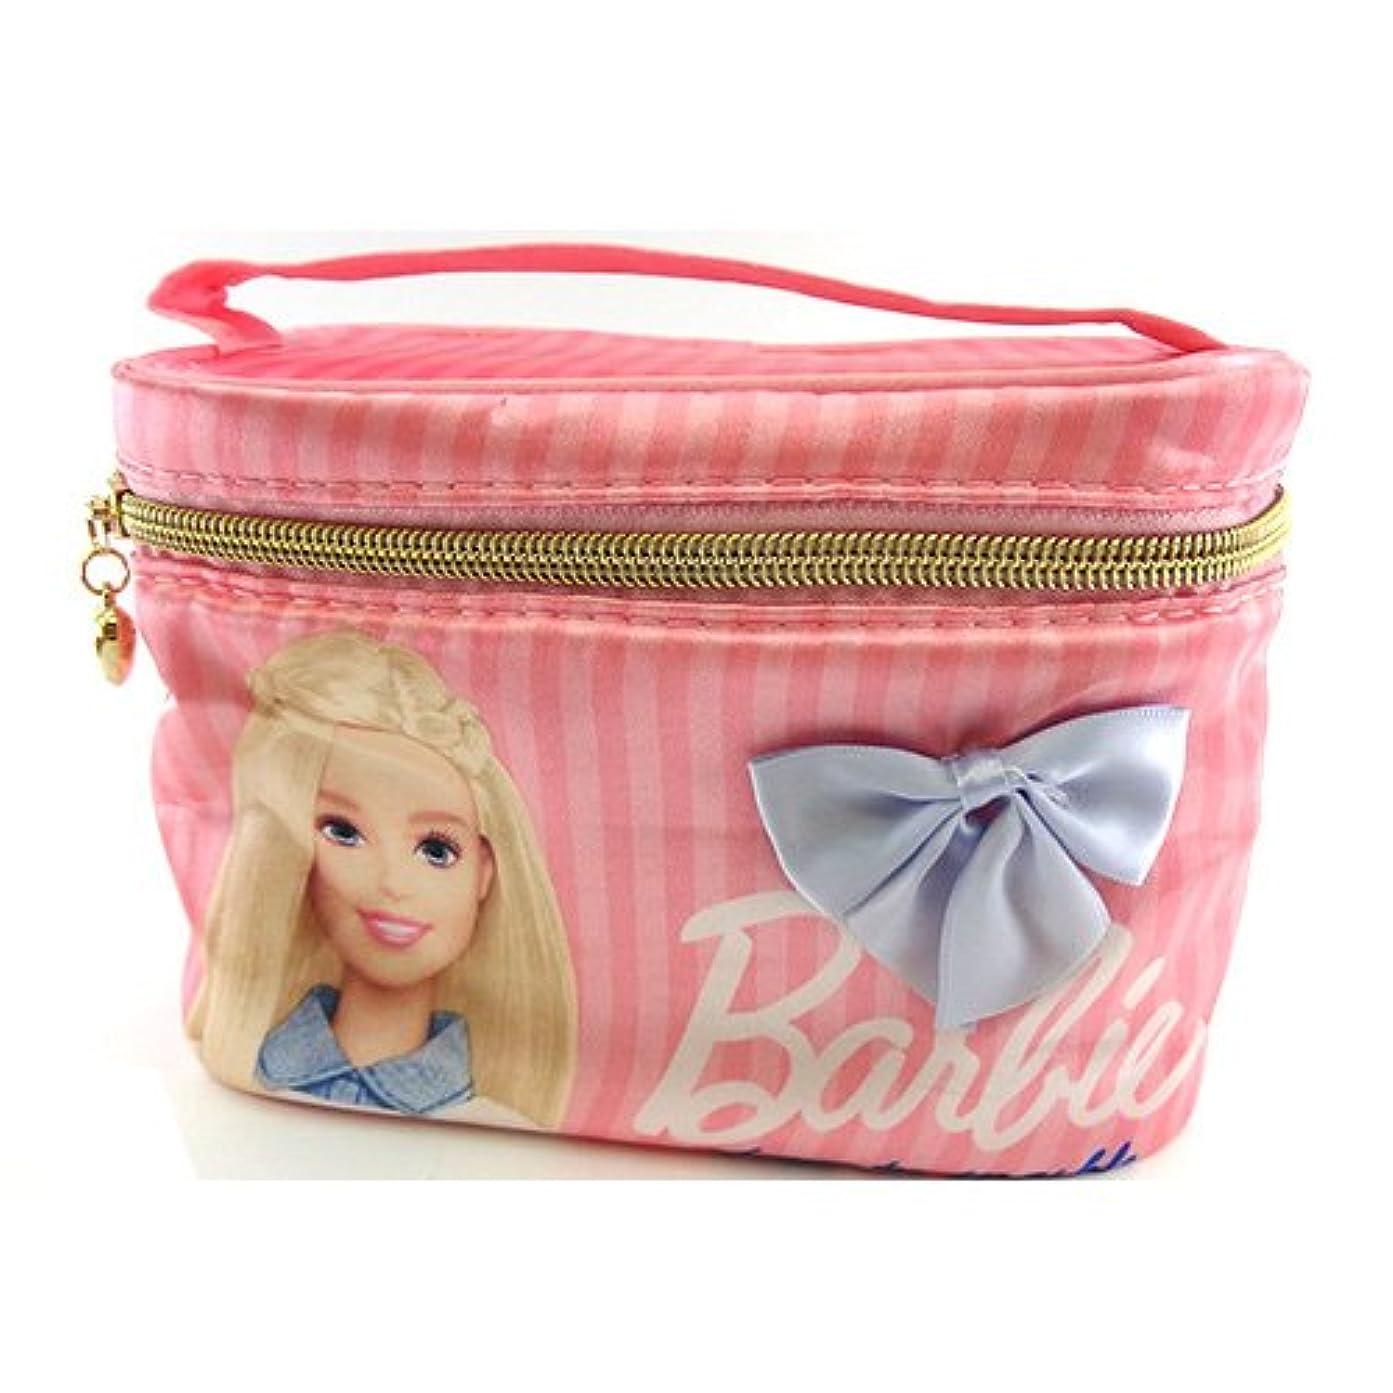 シャイニングベアリングサークル疫病バービー Barbie サテン バニティポーチ ライトピンク 11665【Barbie ポーチ メイク ピンク 化粧】